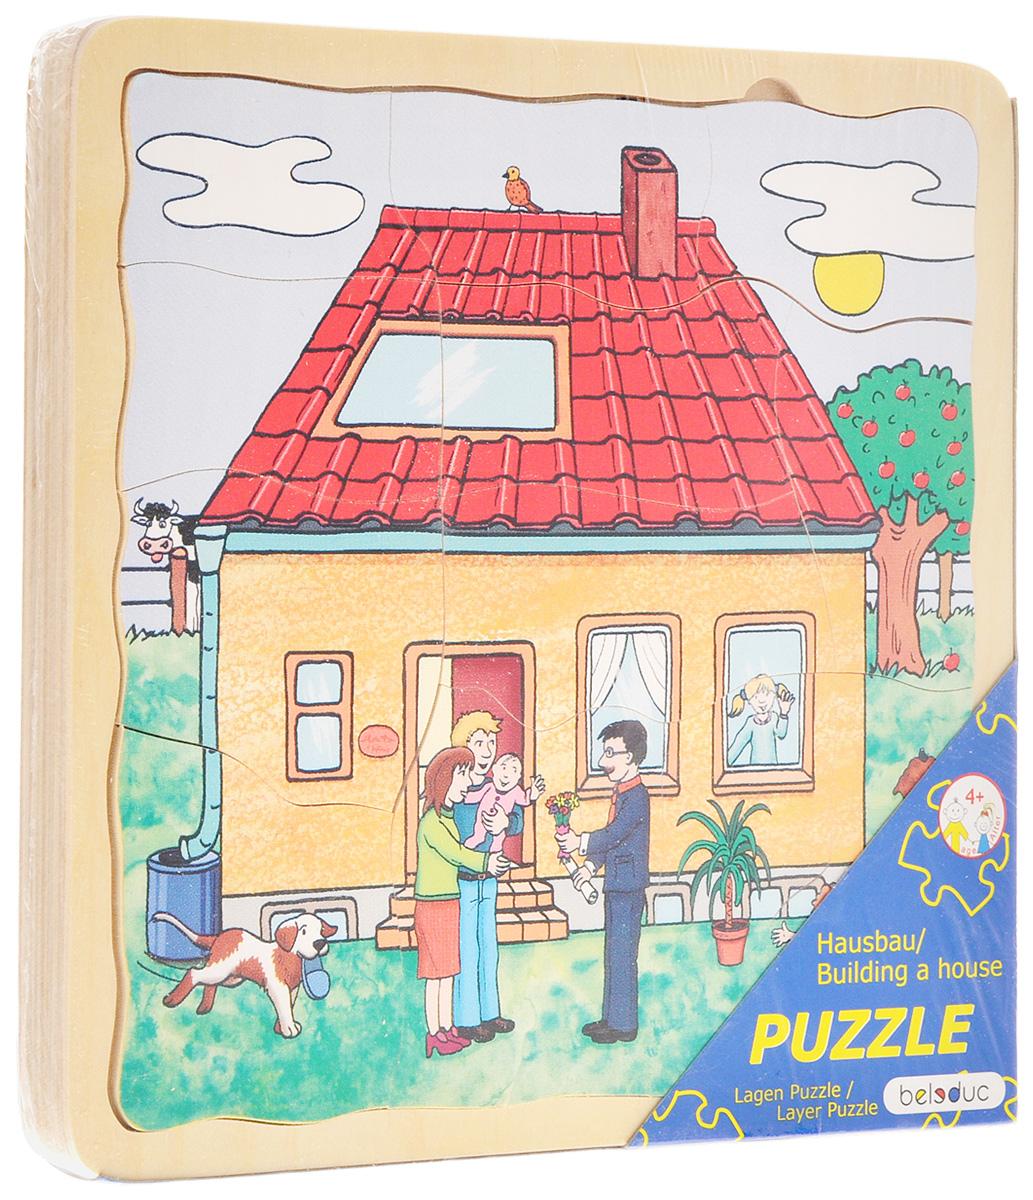 Beleduc Пазл для малышей Строим дом17036Пазл для малышей Beleduc Строим дом продемонстрирует вашему ребенку как строится дом - от закладки фундамента до его полной готовности. Пазл состоит из 40 деталей разных форм. Задача ребенка - собрать не только части каждого пазла, но и сложить слоями все пазлы в правильной последовательности. Пазл выполнен из качественного и безопасного материала - дерева. Такая игра развивает логическое мышление, внимание, память, воображение. Учит правильно воспринимать связь между частью и целым и развивает мелкую моторику рук.